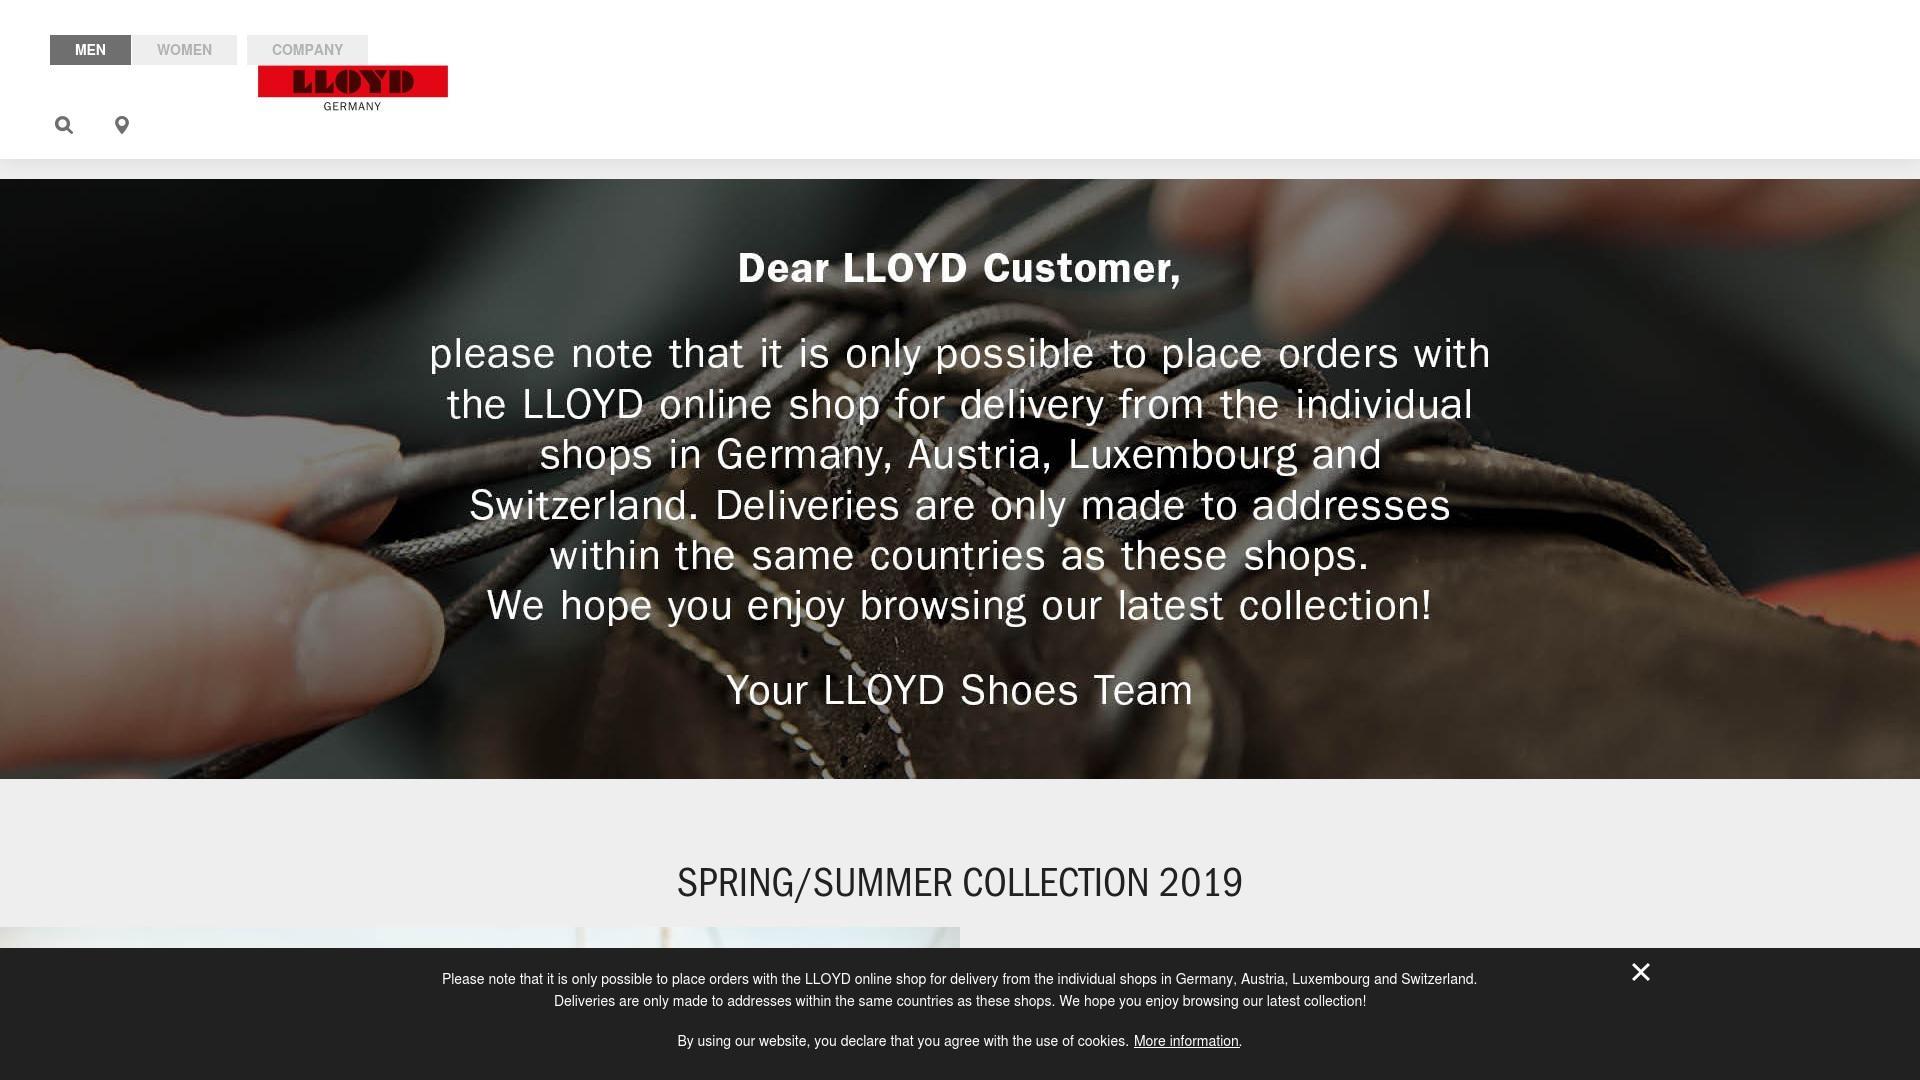 Gutschein für Lloydstore: Rabatte für  Lloydstore sichern